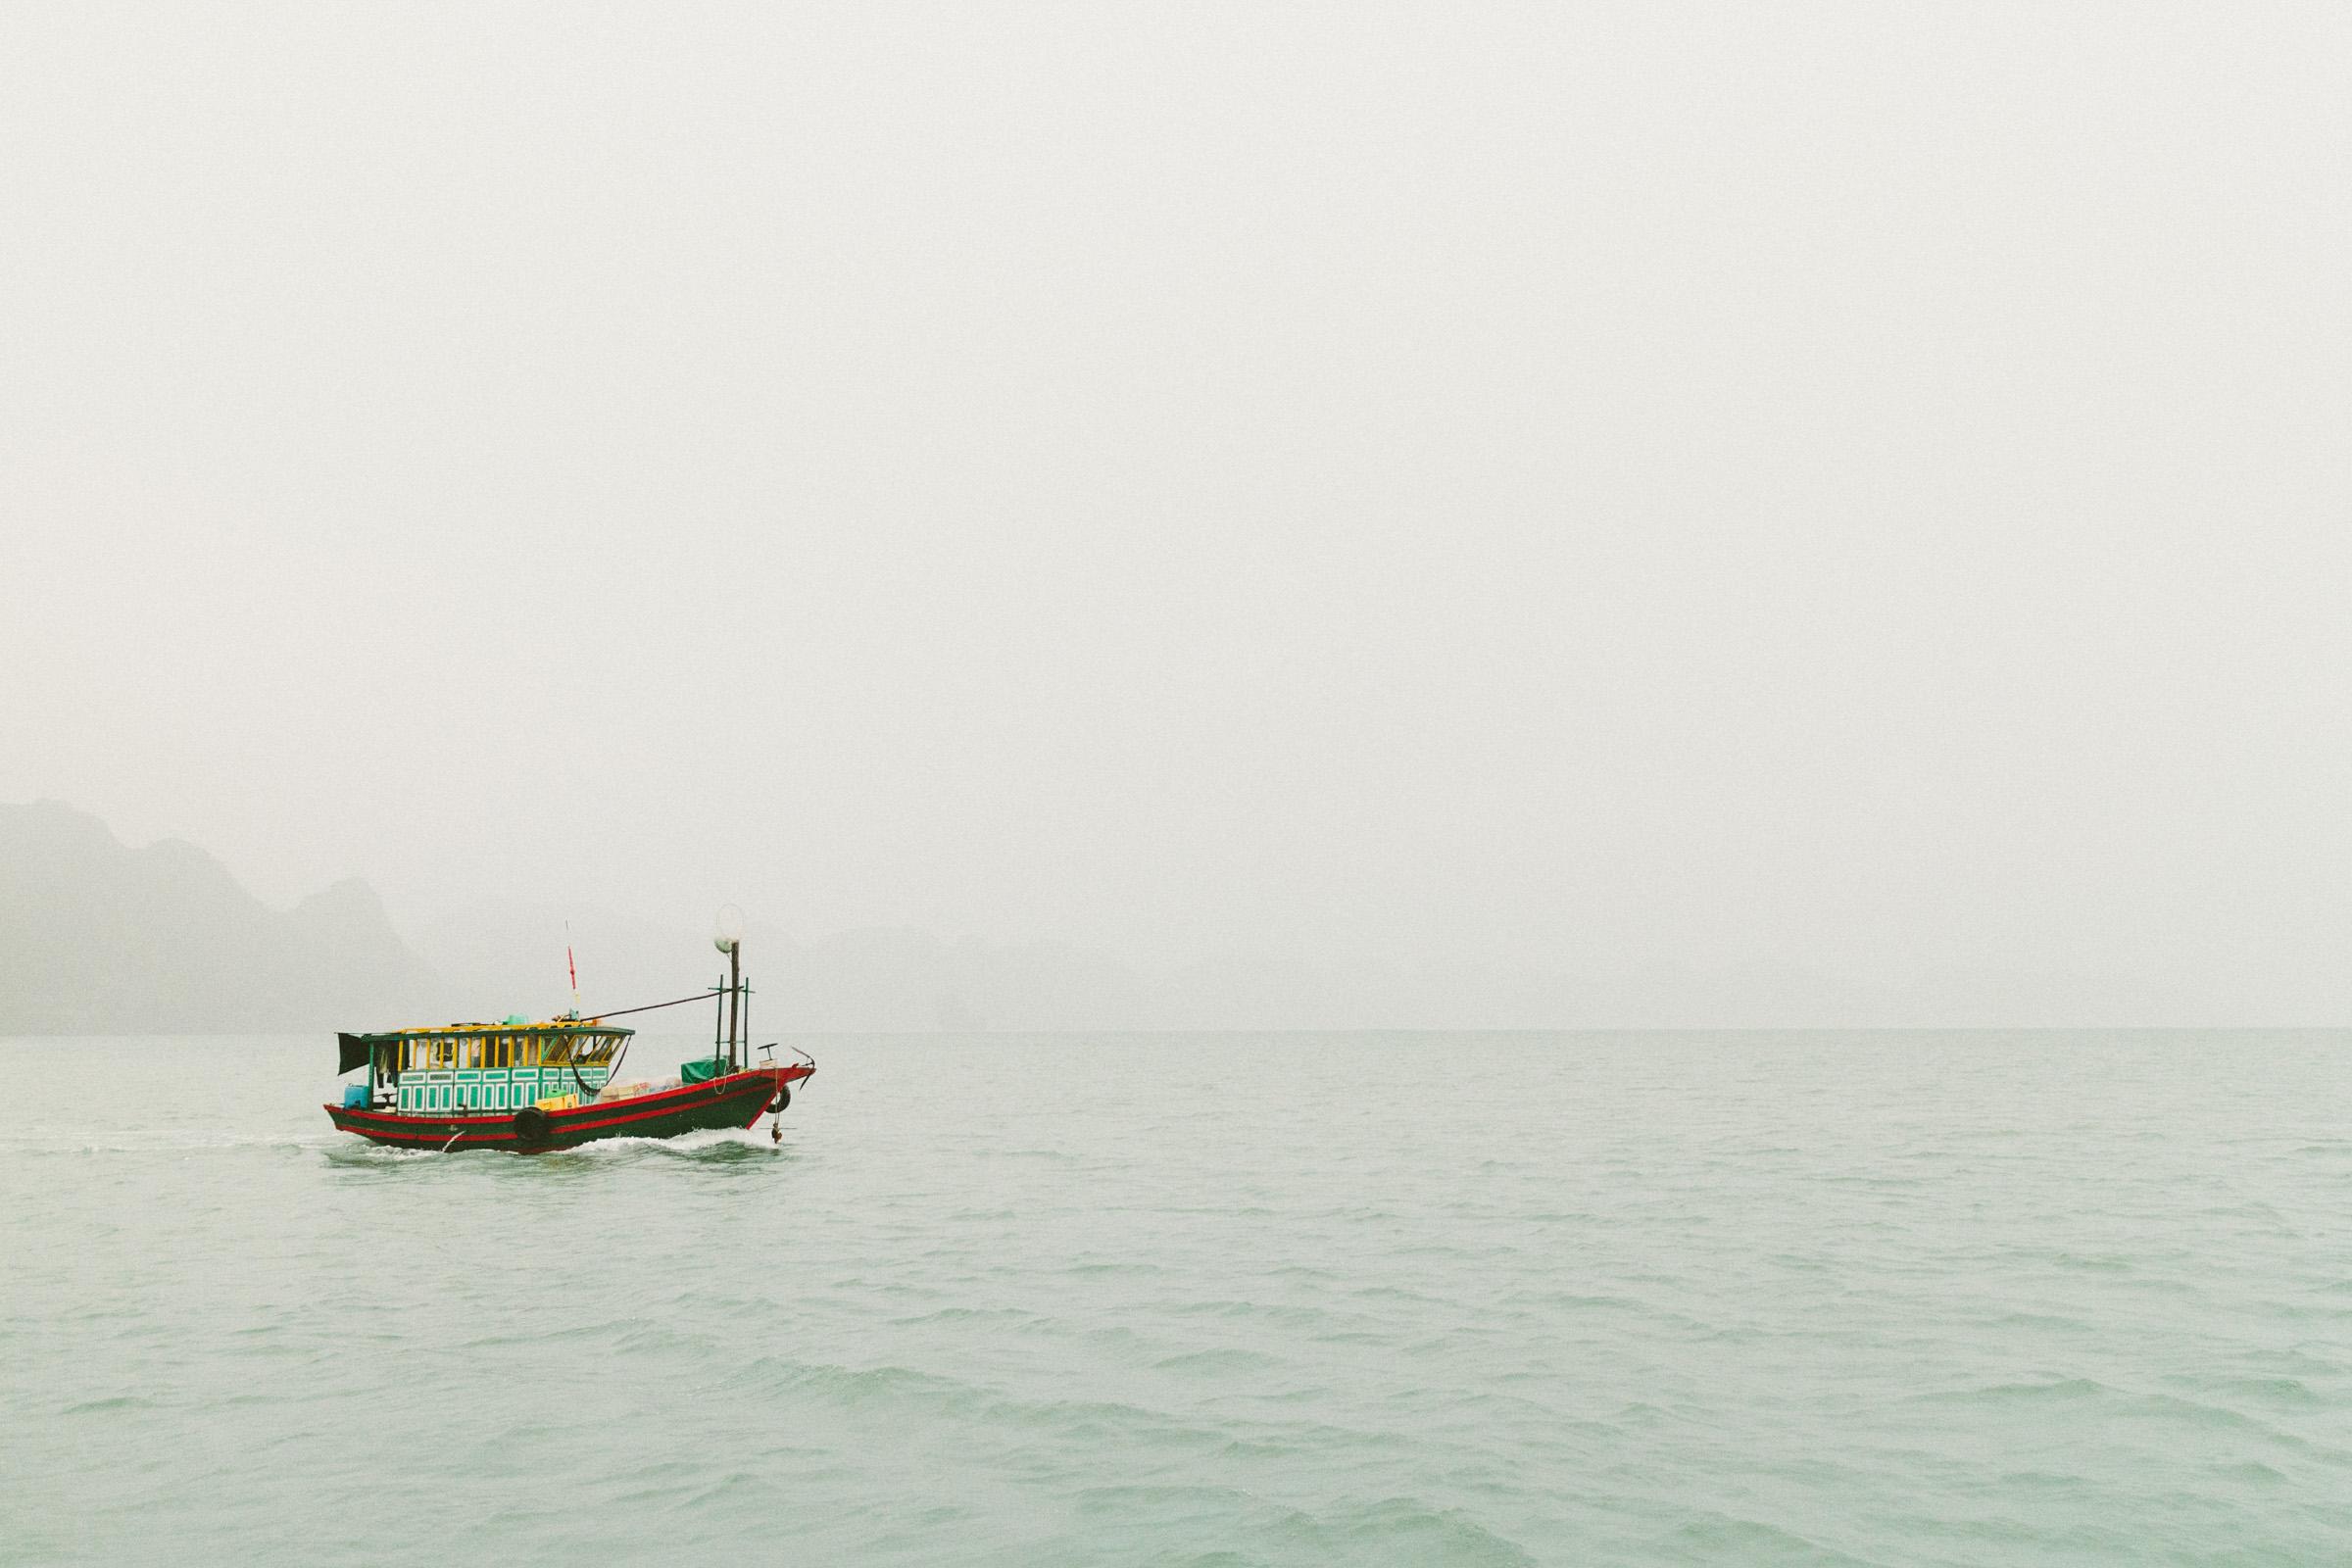 Junk boats in Ha Long Bay, Vietnam | Katch Silva